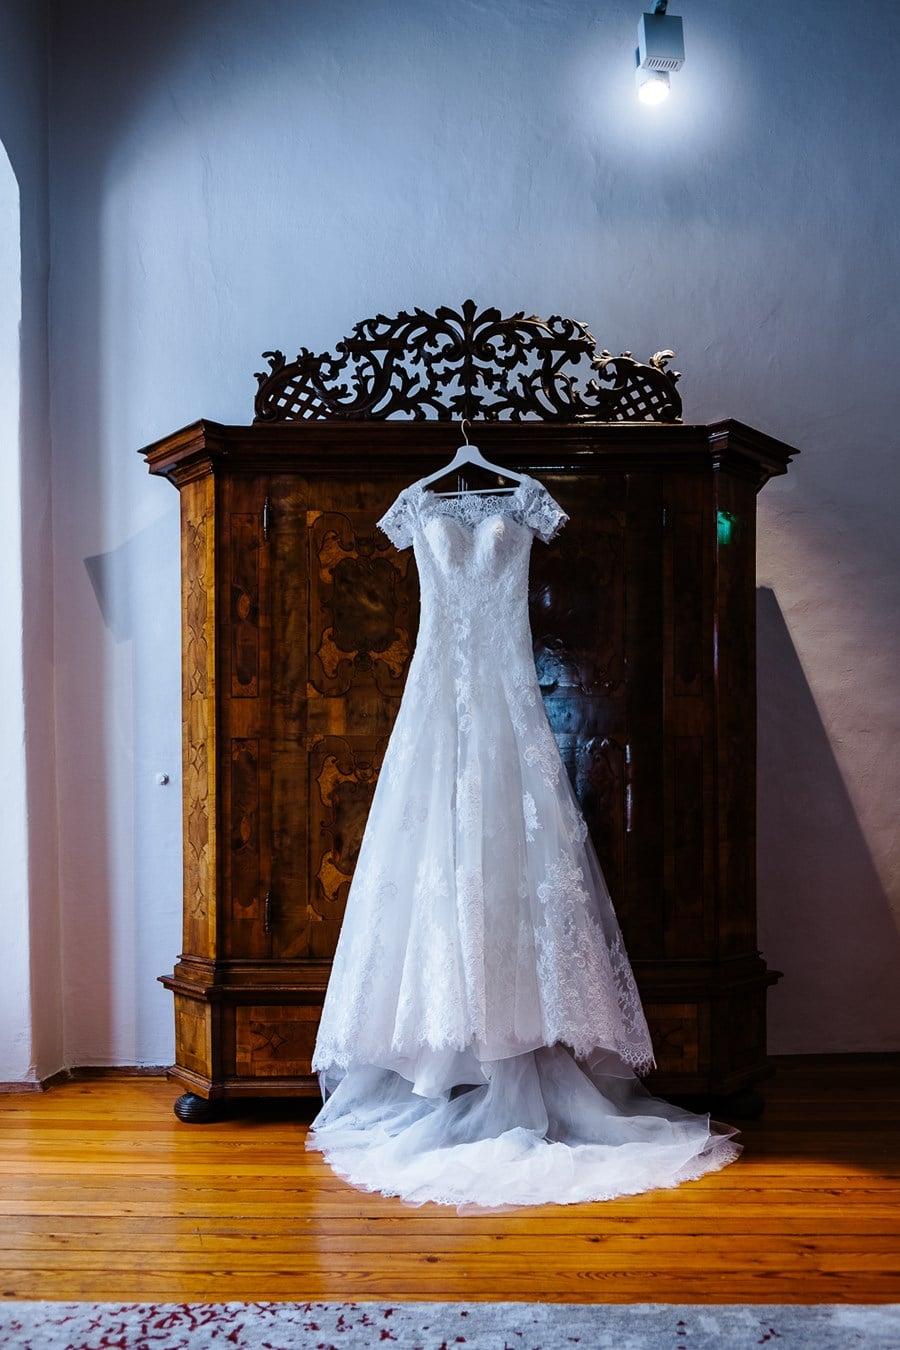 Pantone Farbe 2018 Ultra Violet: Inspirationen für eine glamouröse Hochzeit auf Schloss Walpersdorf